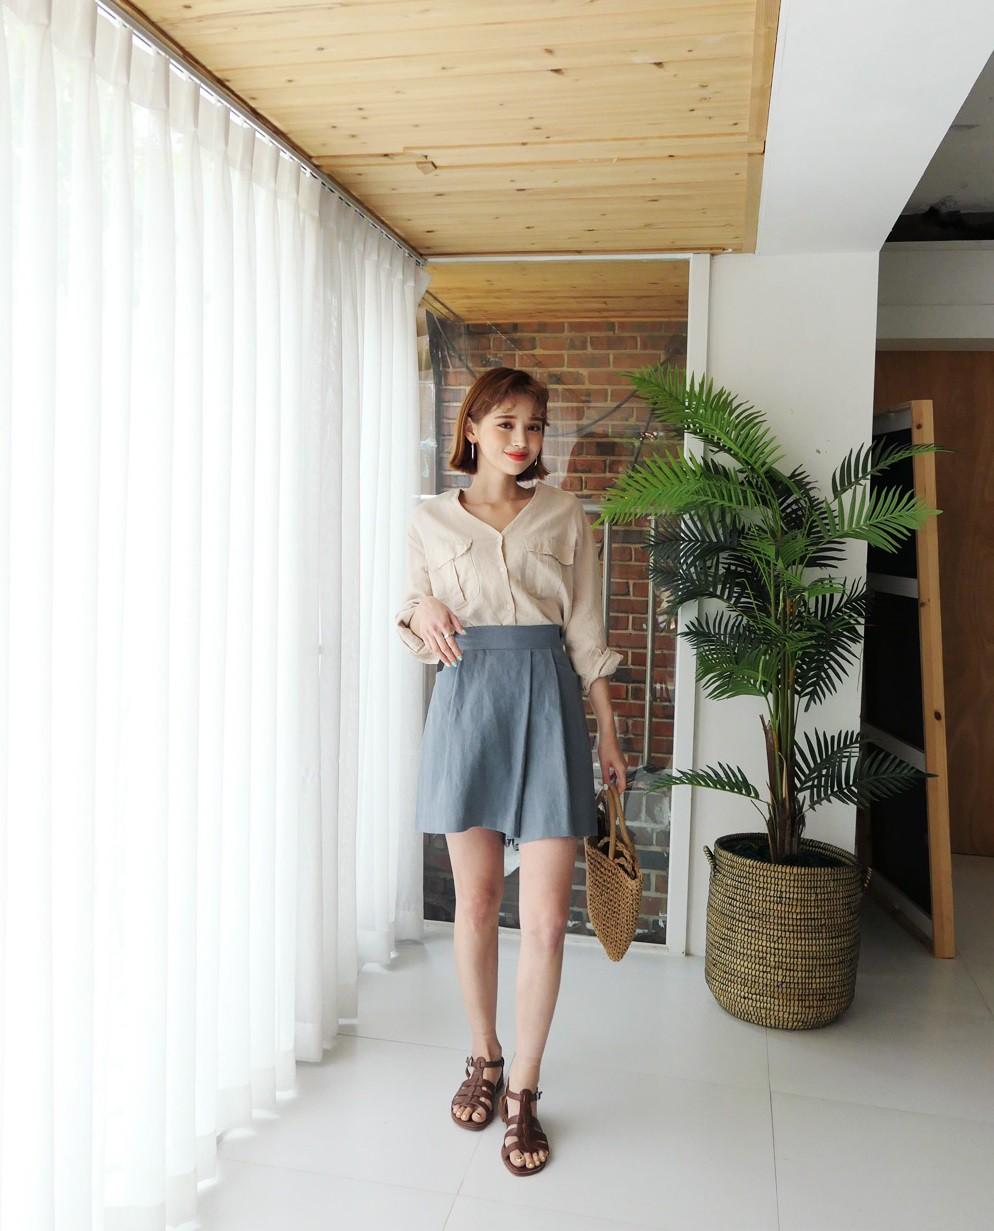 4 kiểu chân váy ngắn diện lên trẻ trung hết sức, lại còn giúp khoe triệt để đôi chân thon gọn nuột nà - Ảnh 7